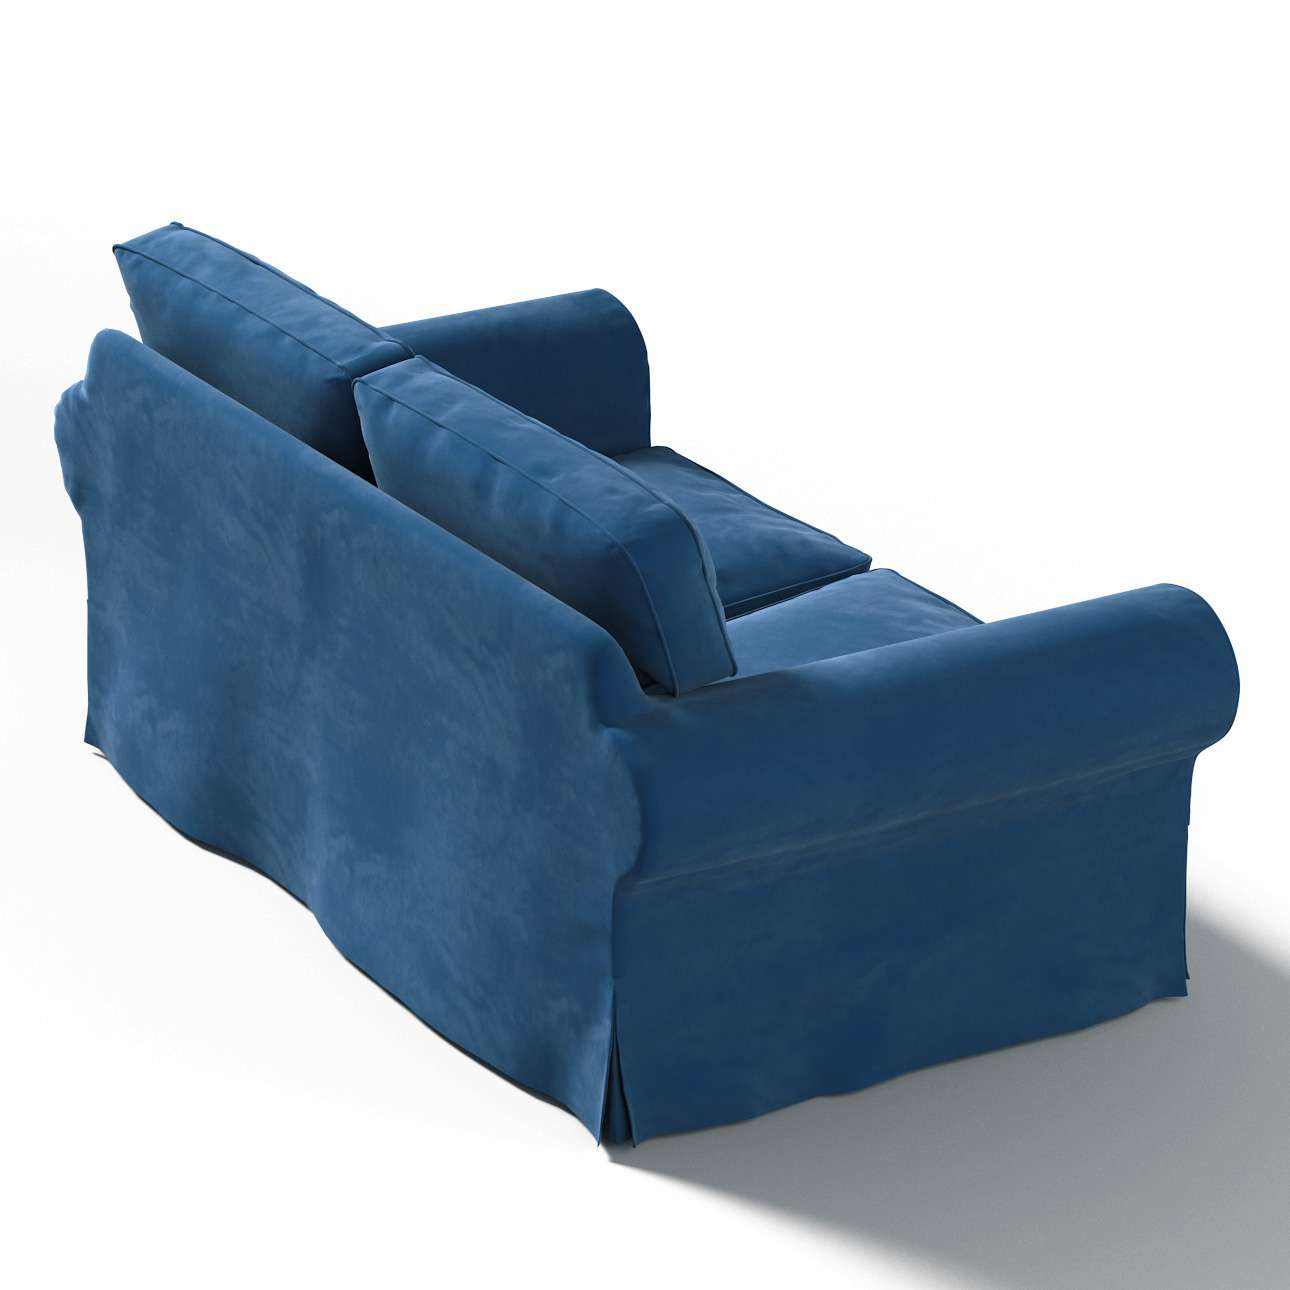 Bezug für Ektorp 2-Sitzer Sofa nicht ausklappbar von der Kollektion Velvet, Stoff: 704-29